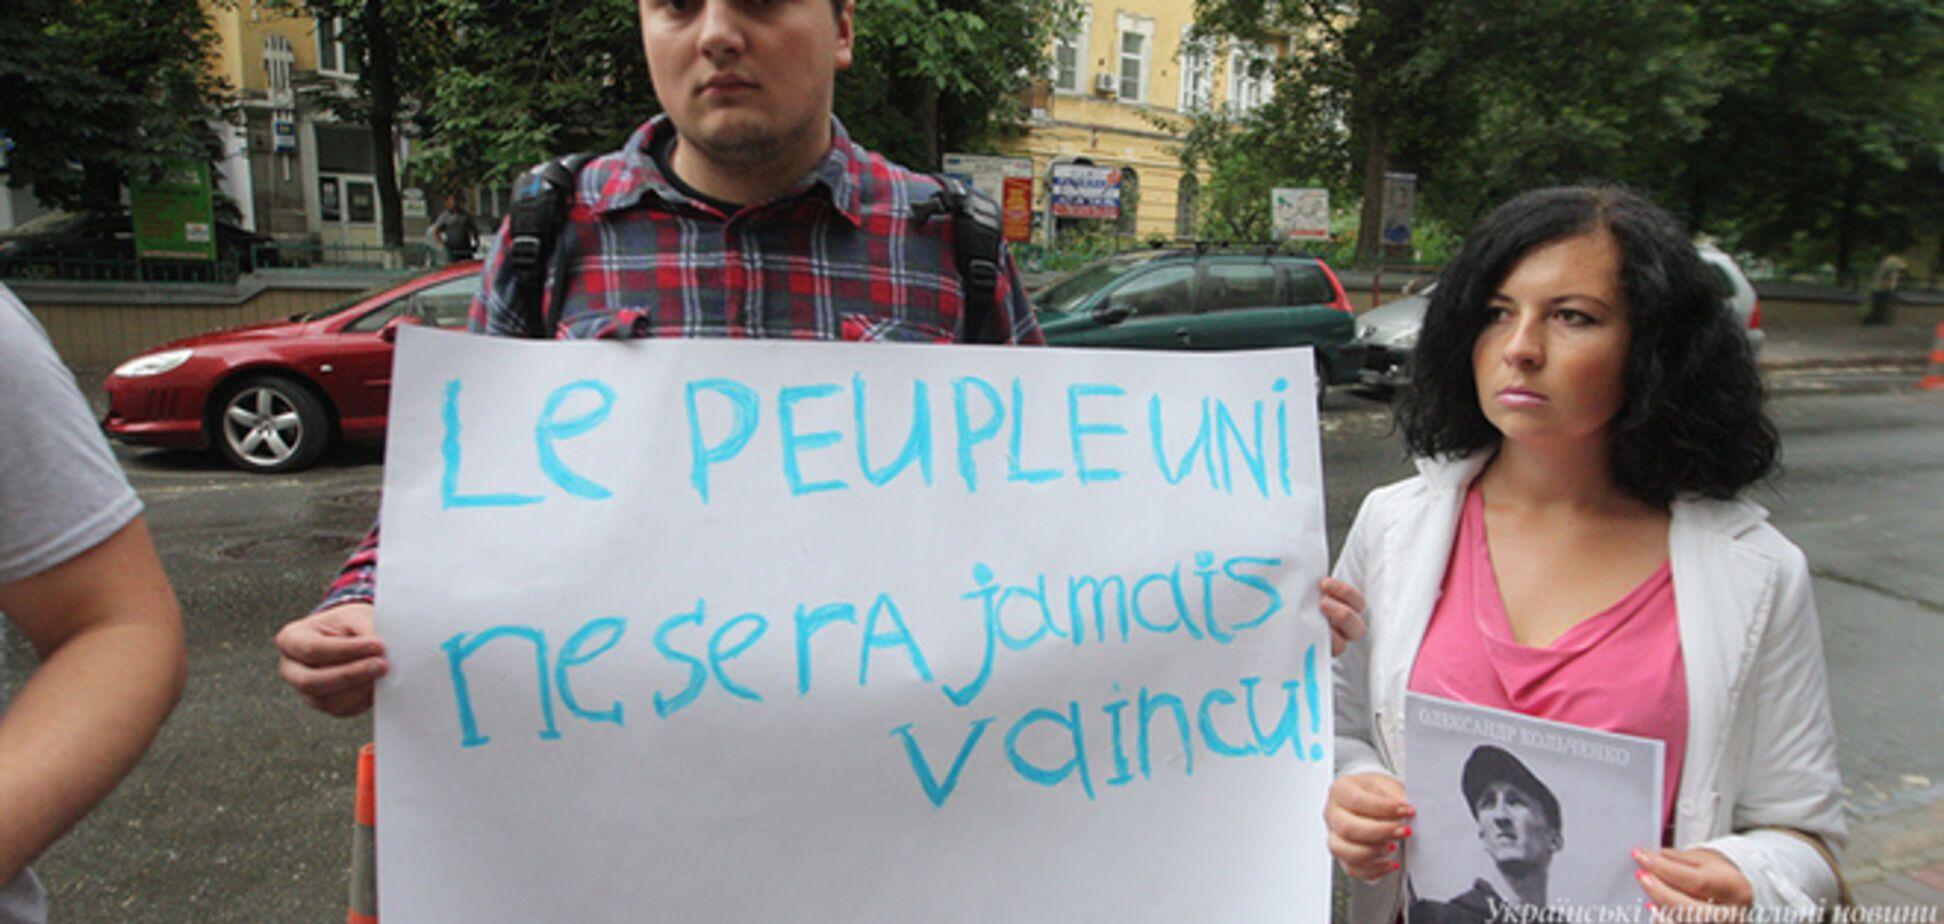 Активисты пикетировали посольство Франции в Киеве, требуя помощи в освобождении Сенцова